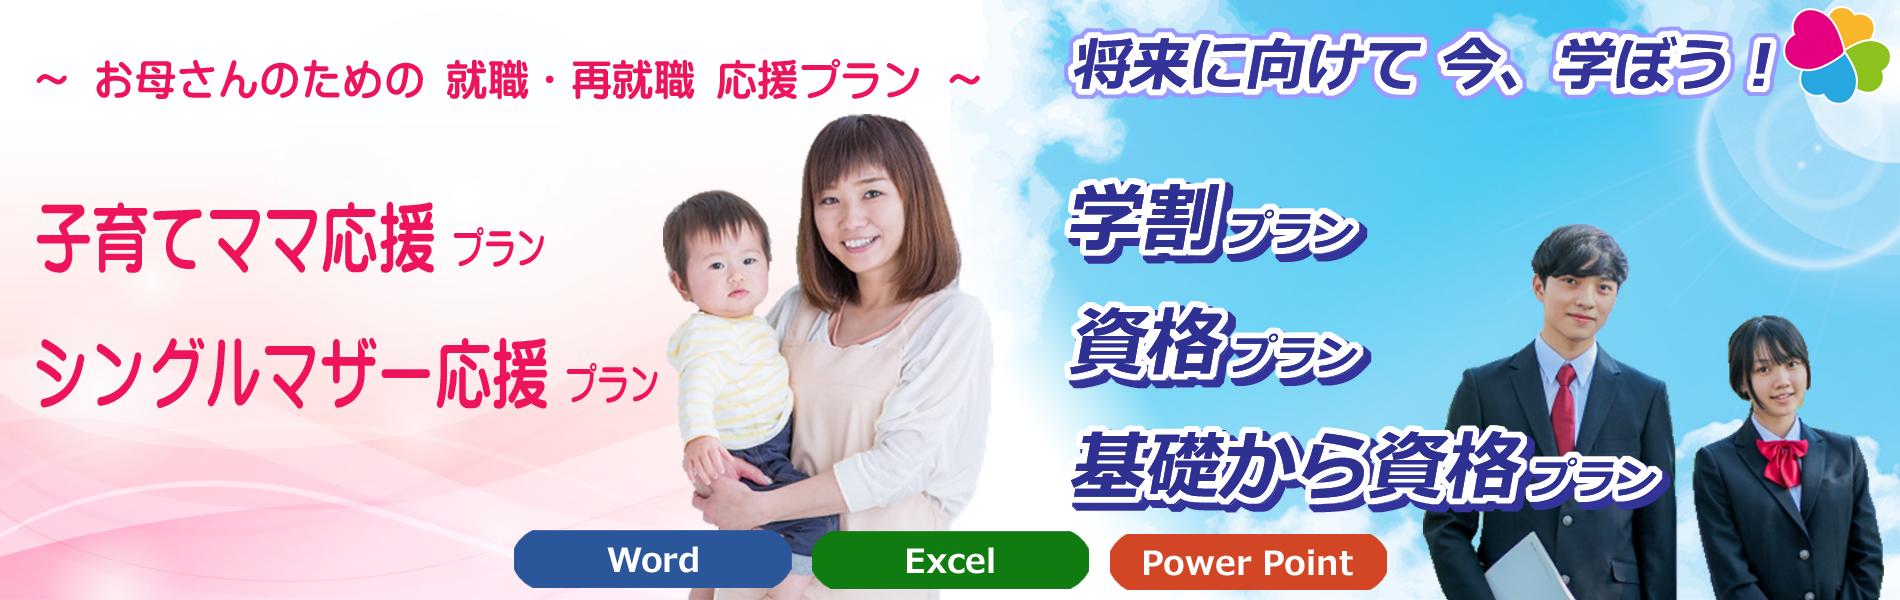 資格プラン・学割プラン・子育てママ、シングルマザー応援プラン